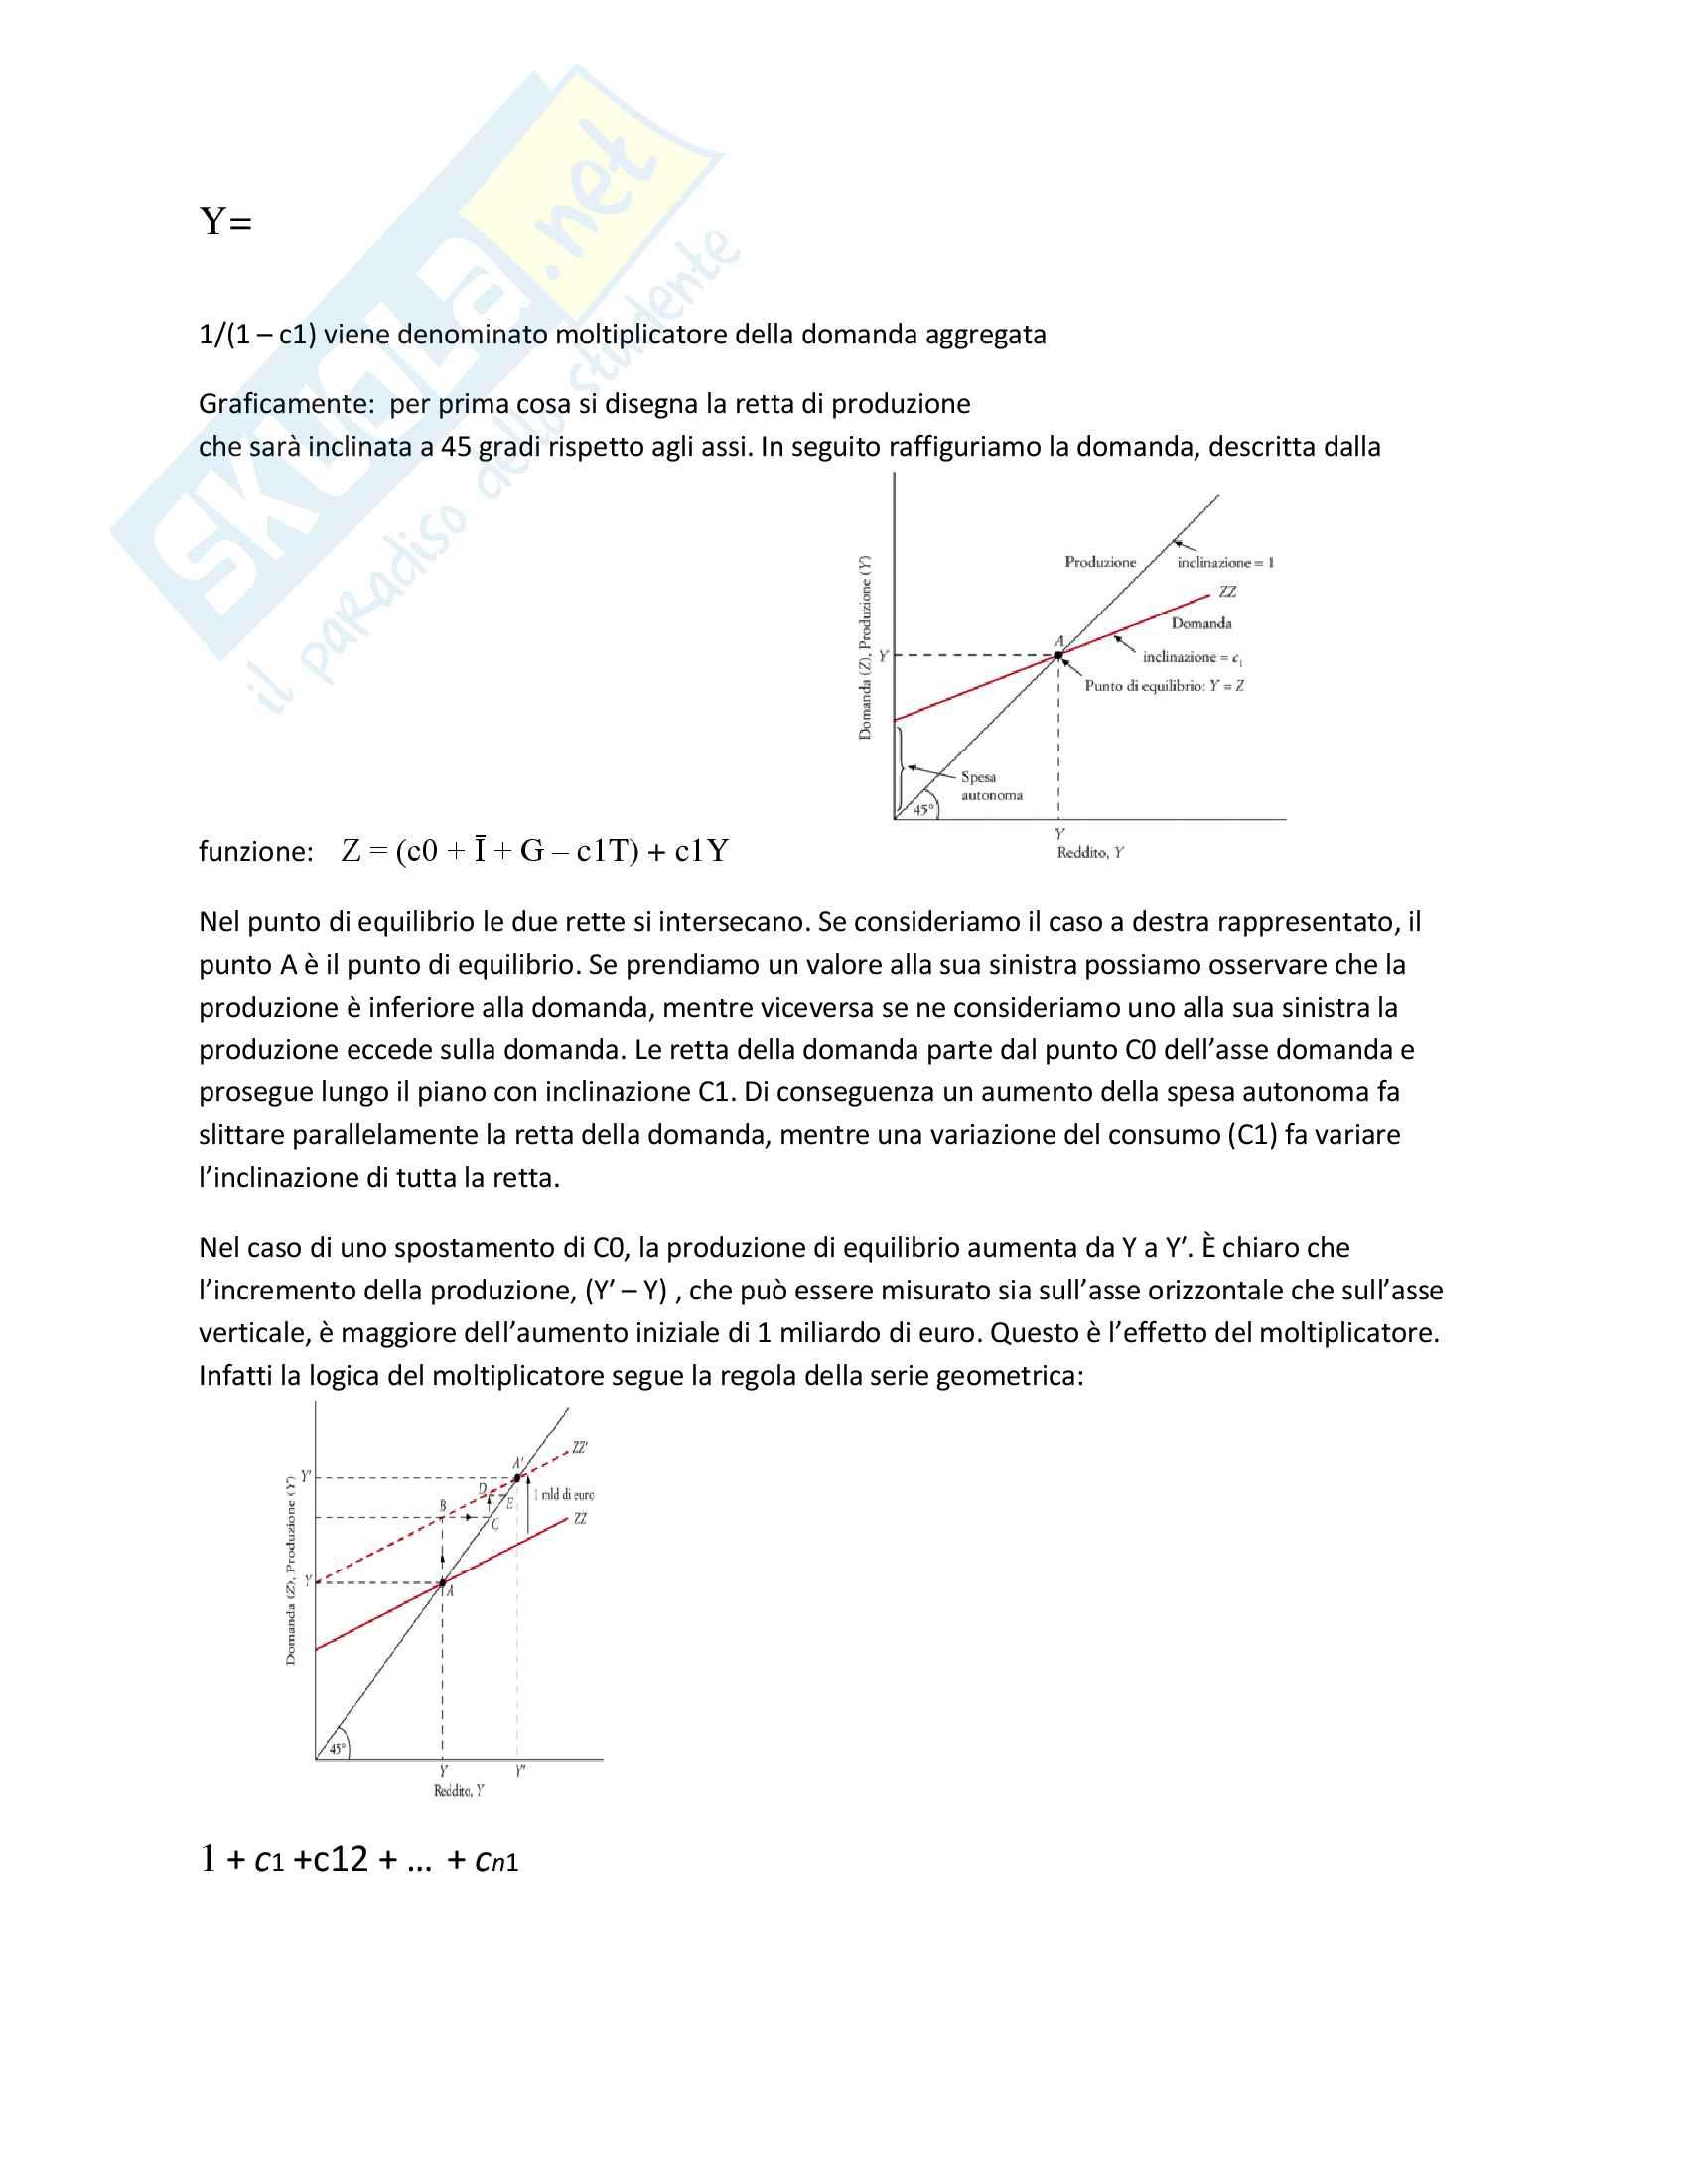 Riassunto per l'esame di introduzione a macroeconomia, prof Strozzi, libro suggerito Blanchard macroeconomia Pag. 6